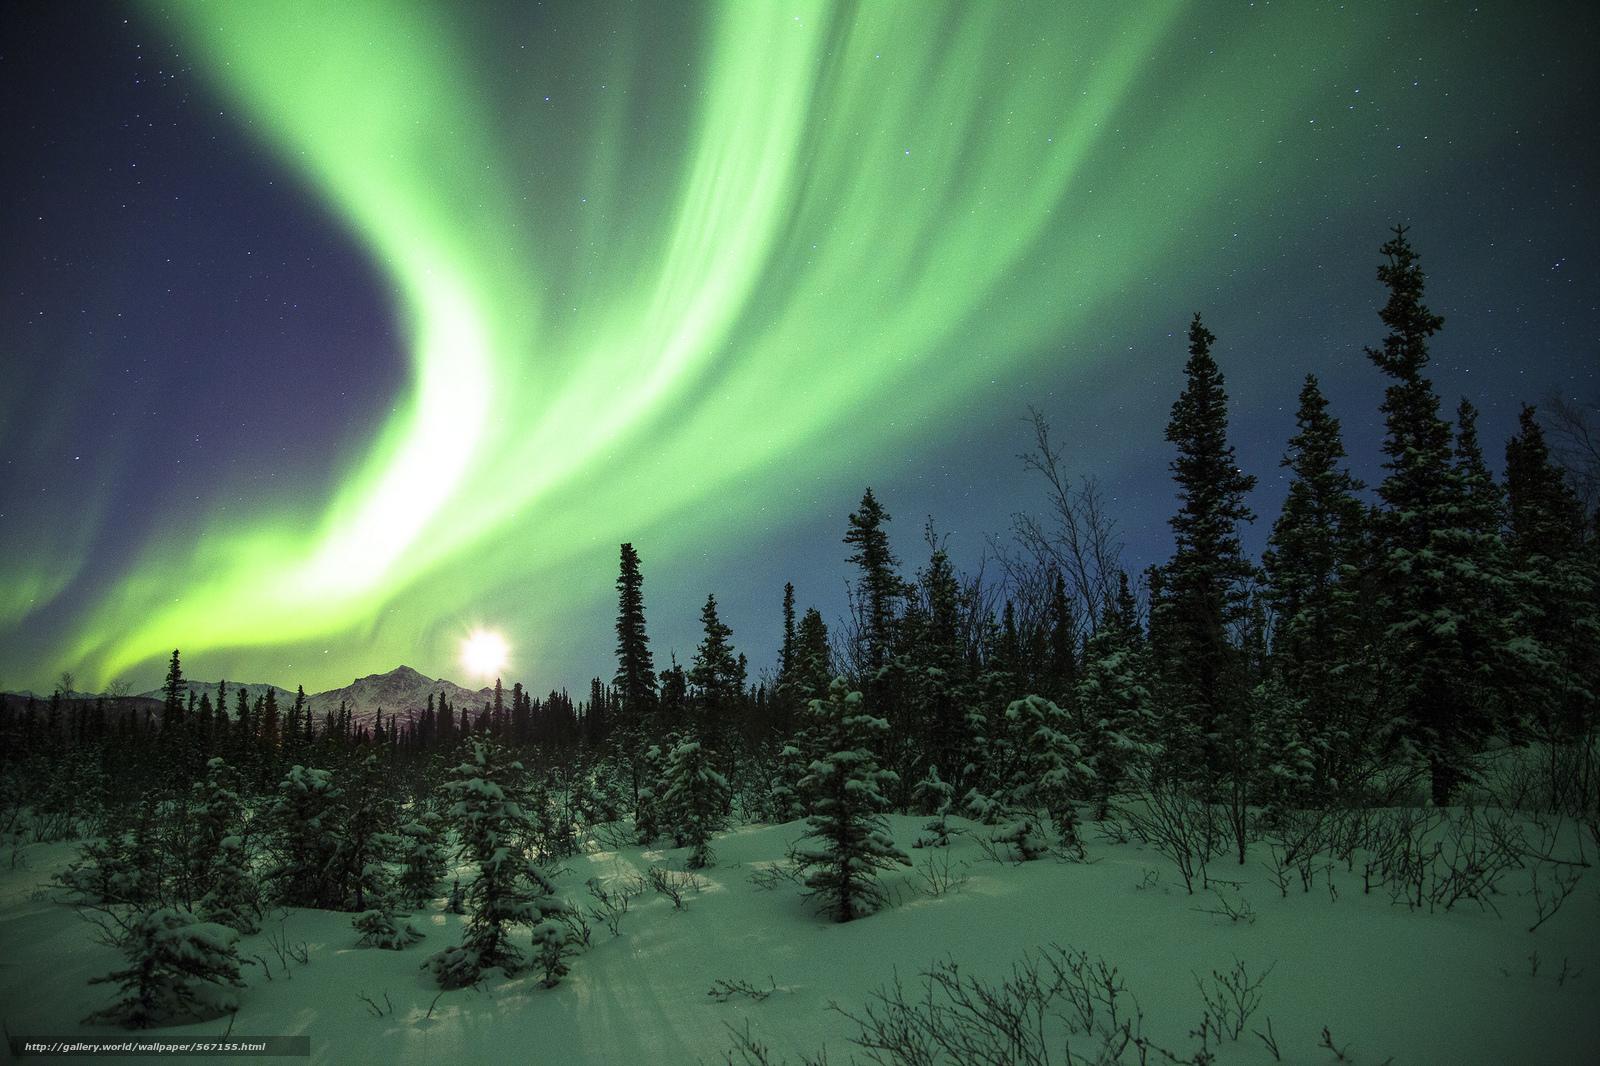 Scaricare gli sfondi aurora boreale nevicata notte for Sfondi desktop aurora boreale